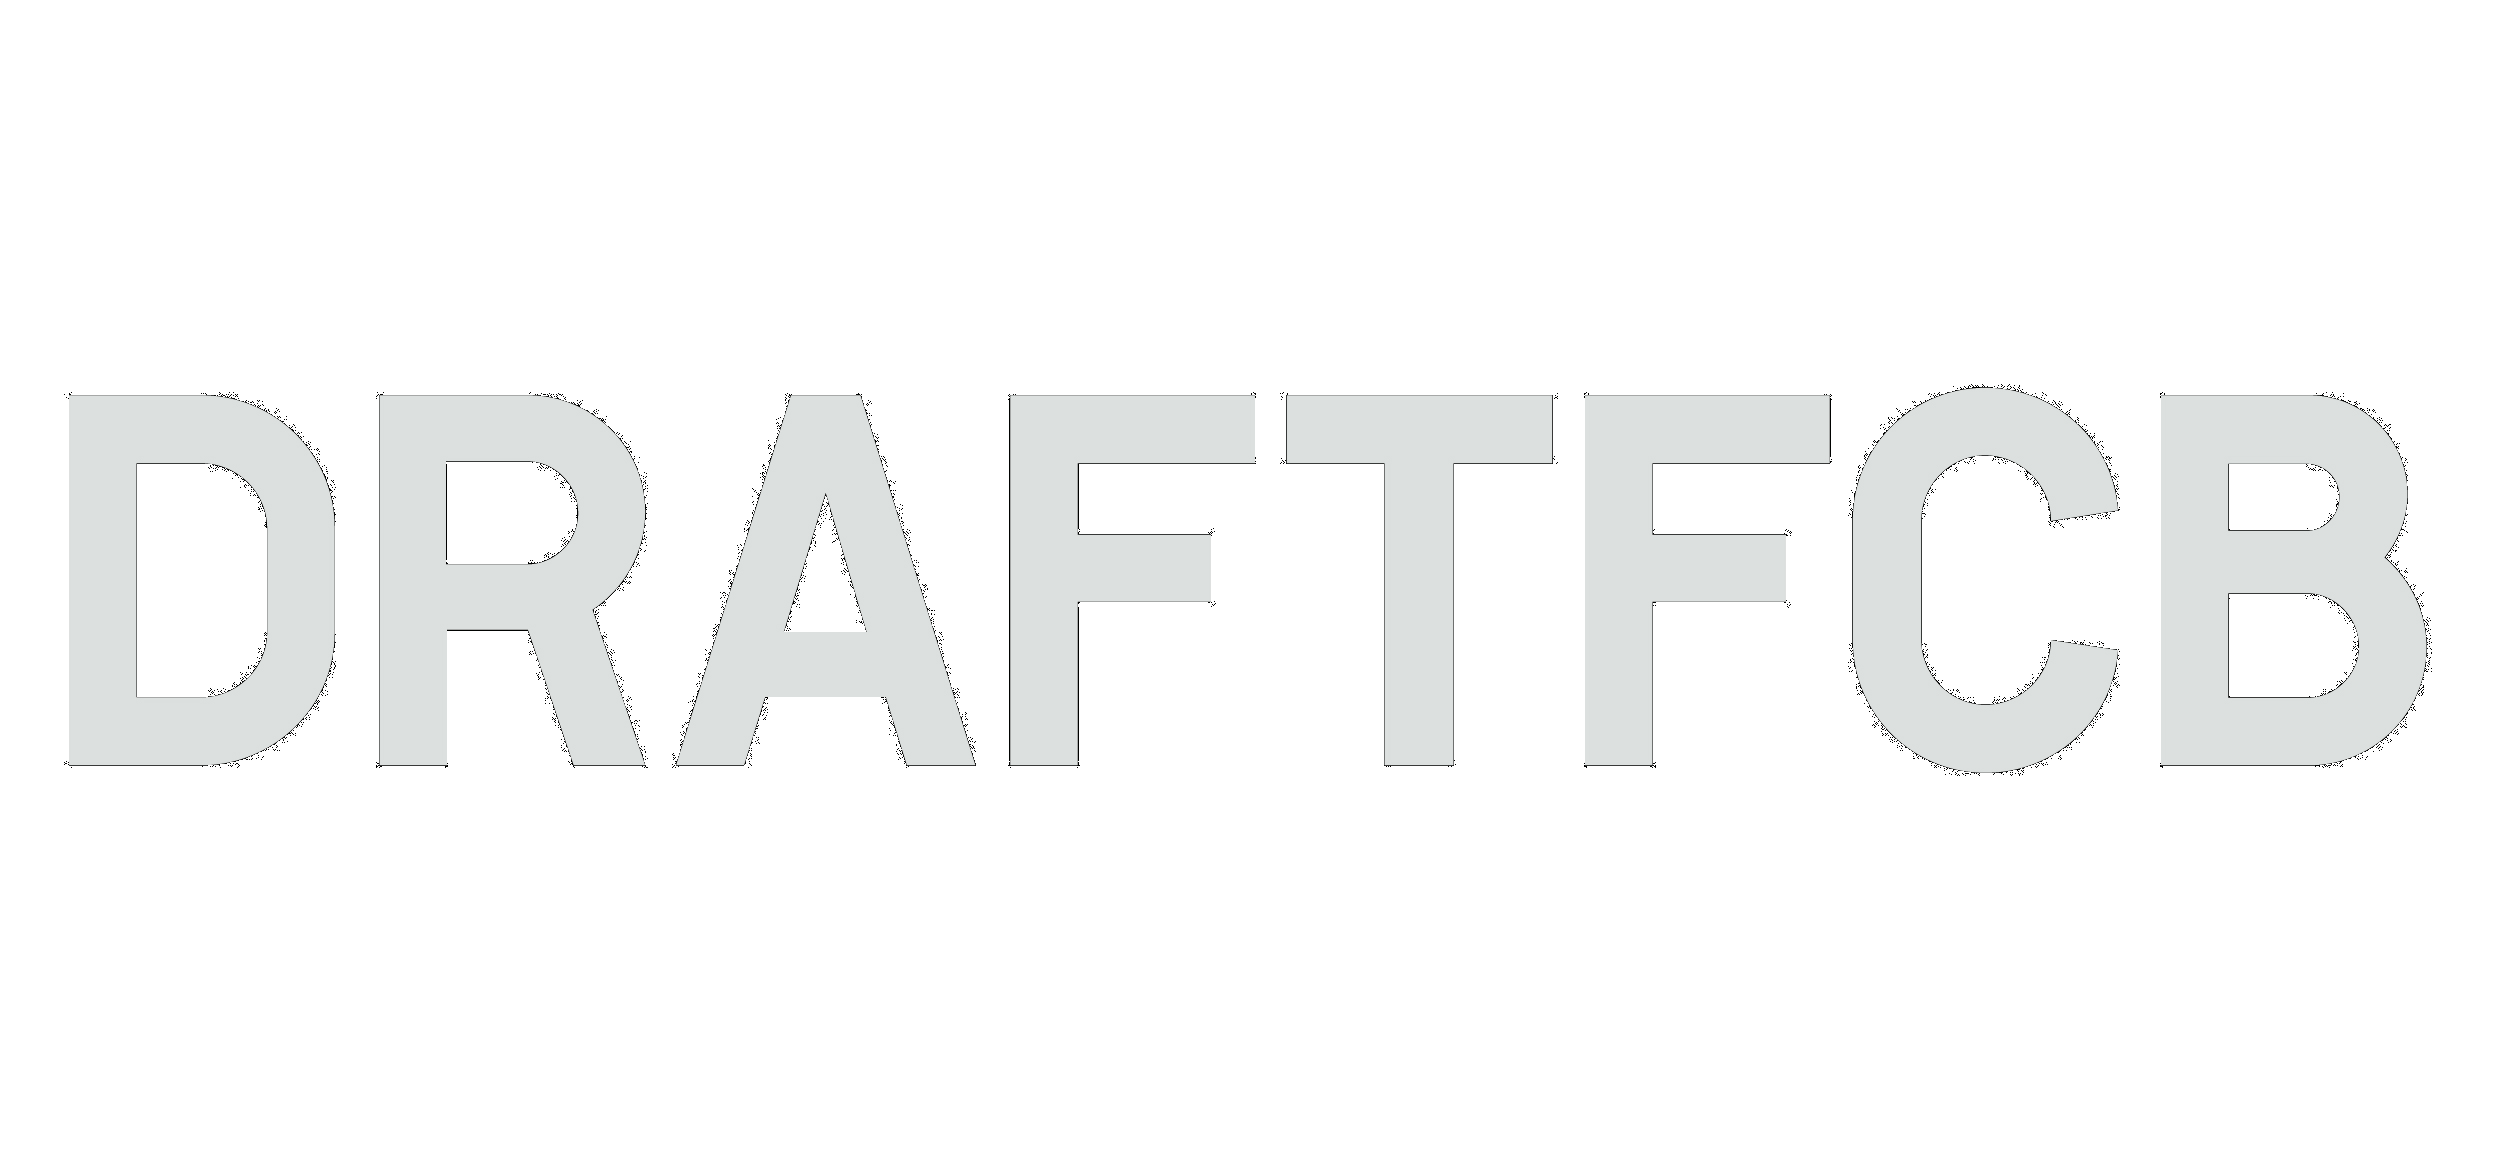 draftfcb.png